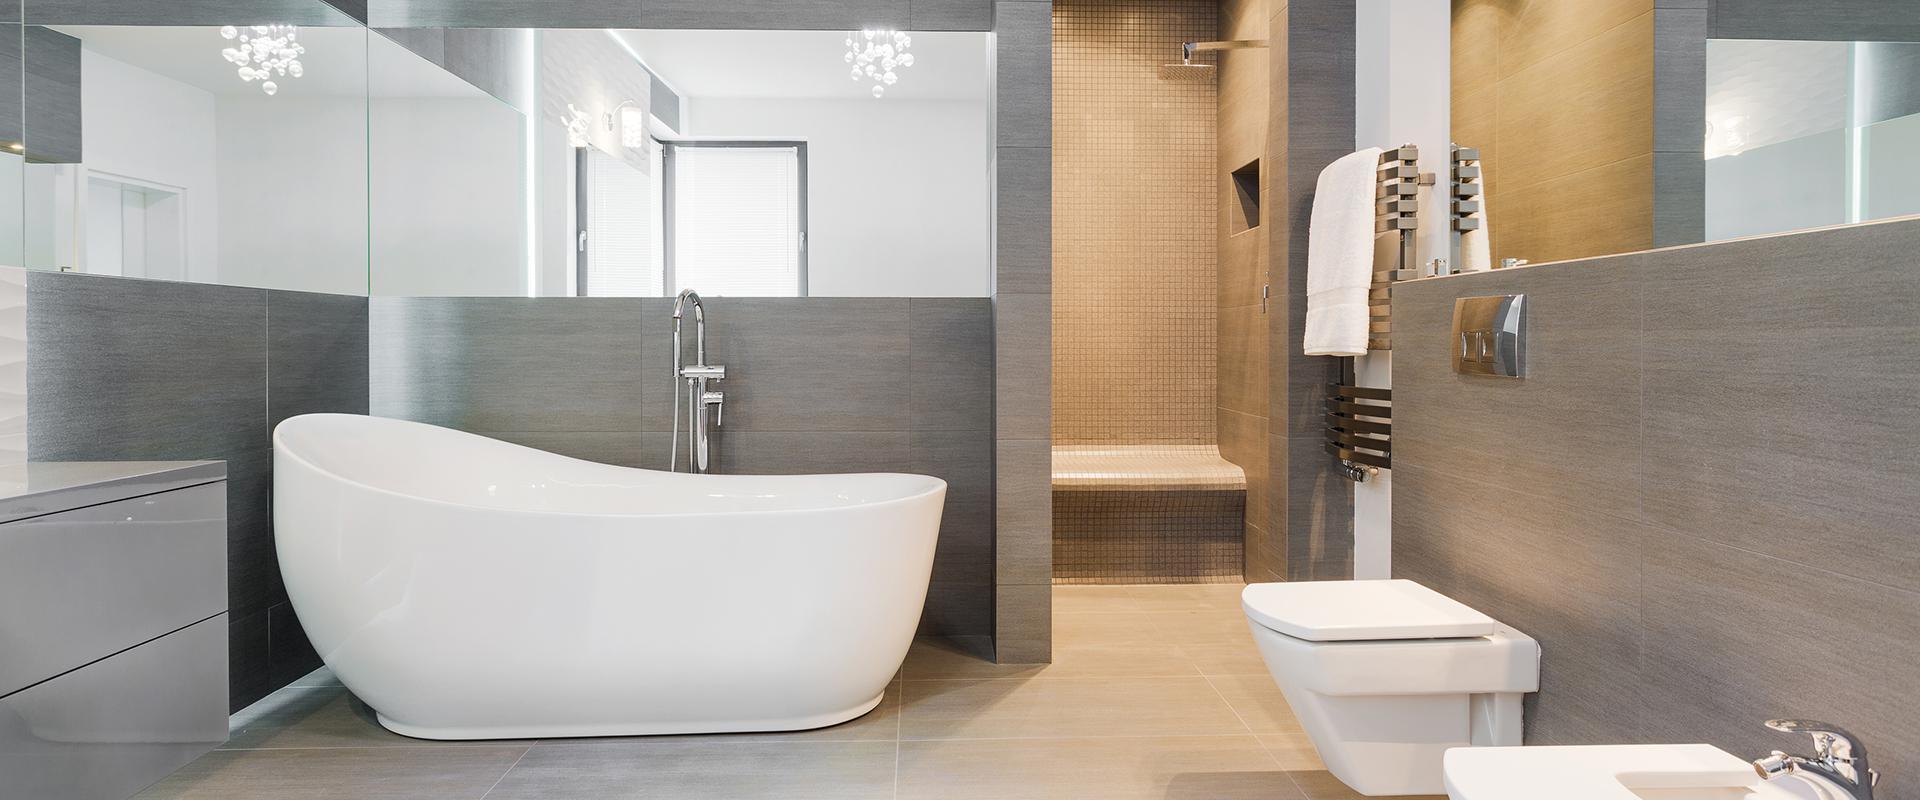 享受一個人的泡湯時間很簡單-找大眾浴室裝潢